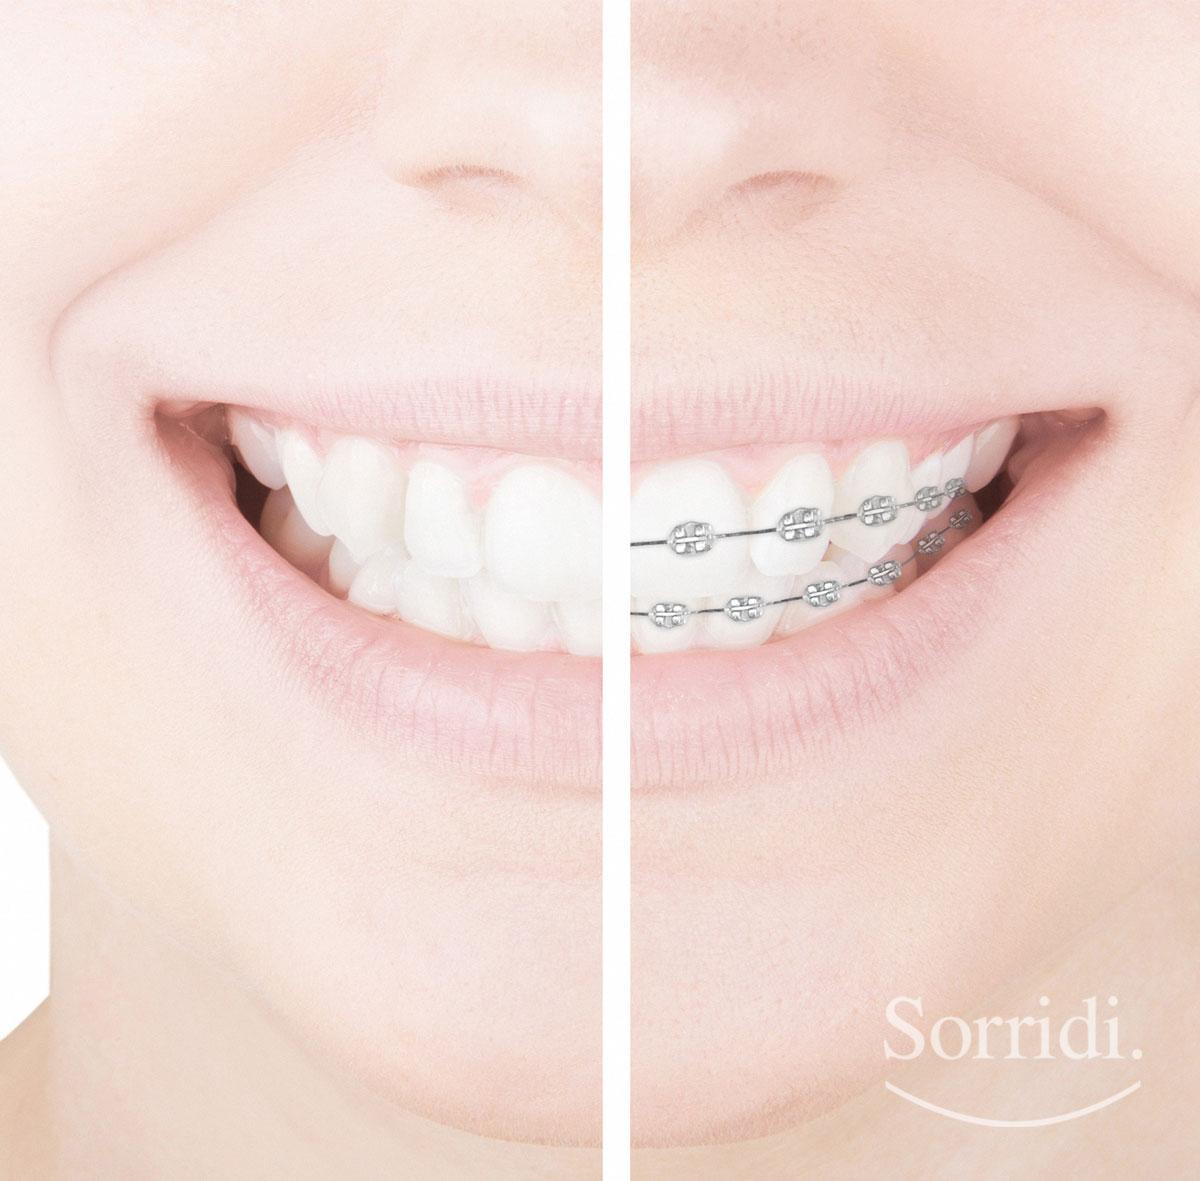 Sorridi-ch-magazine-apparecchio-dentale-invisibile-o-fisso